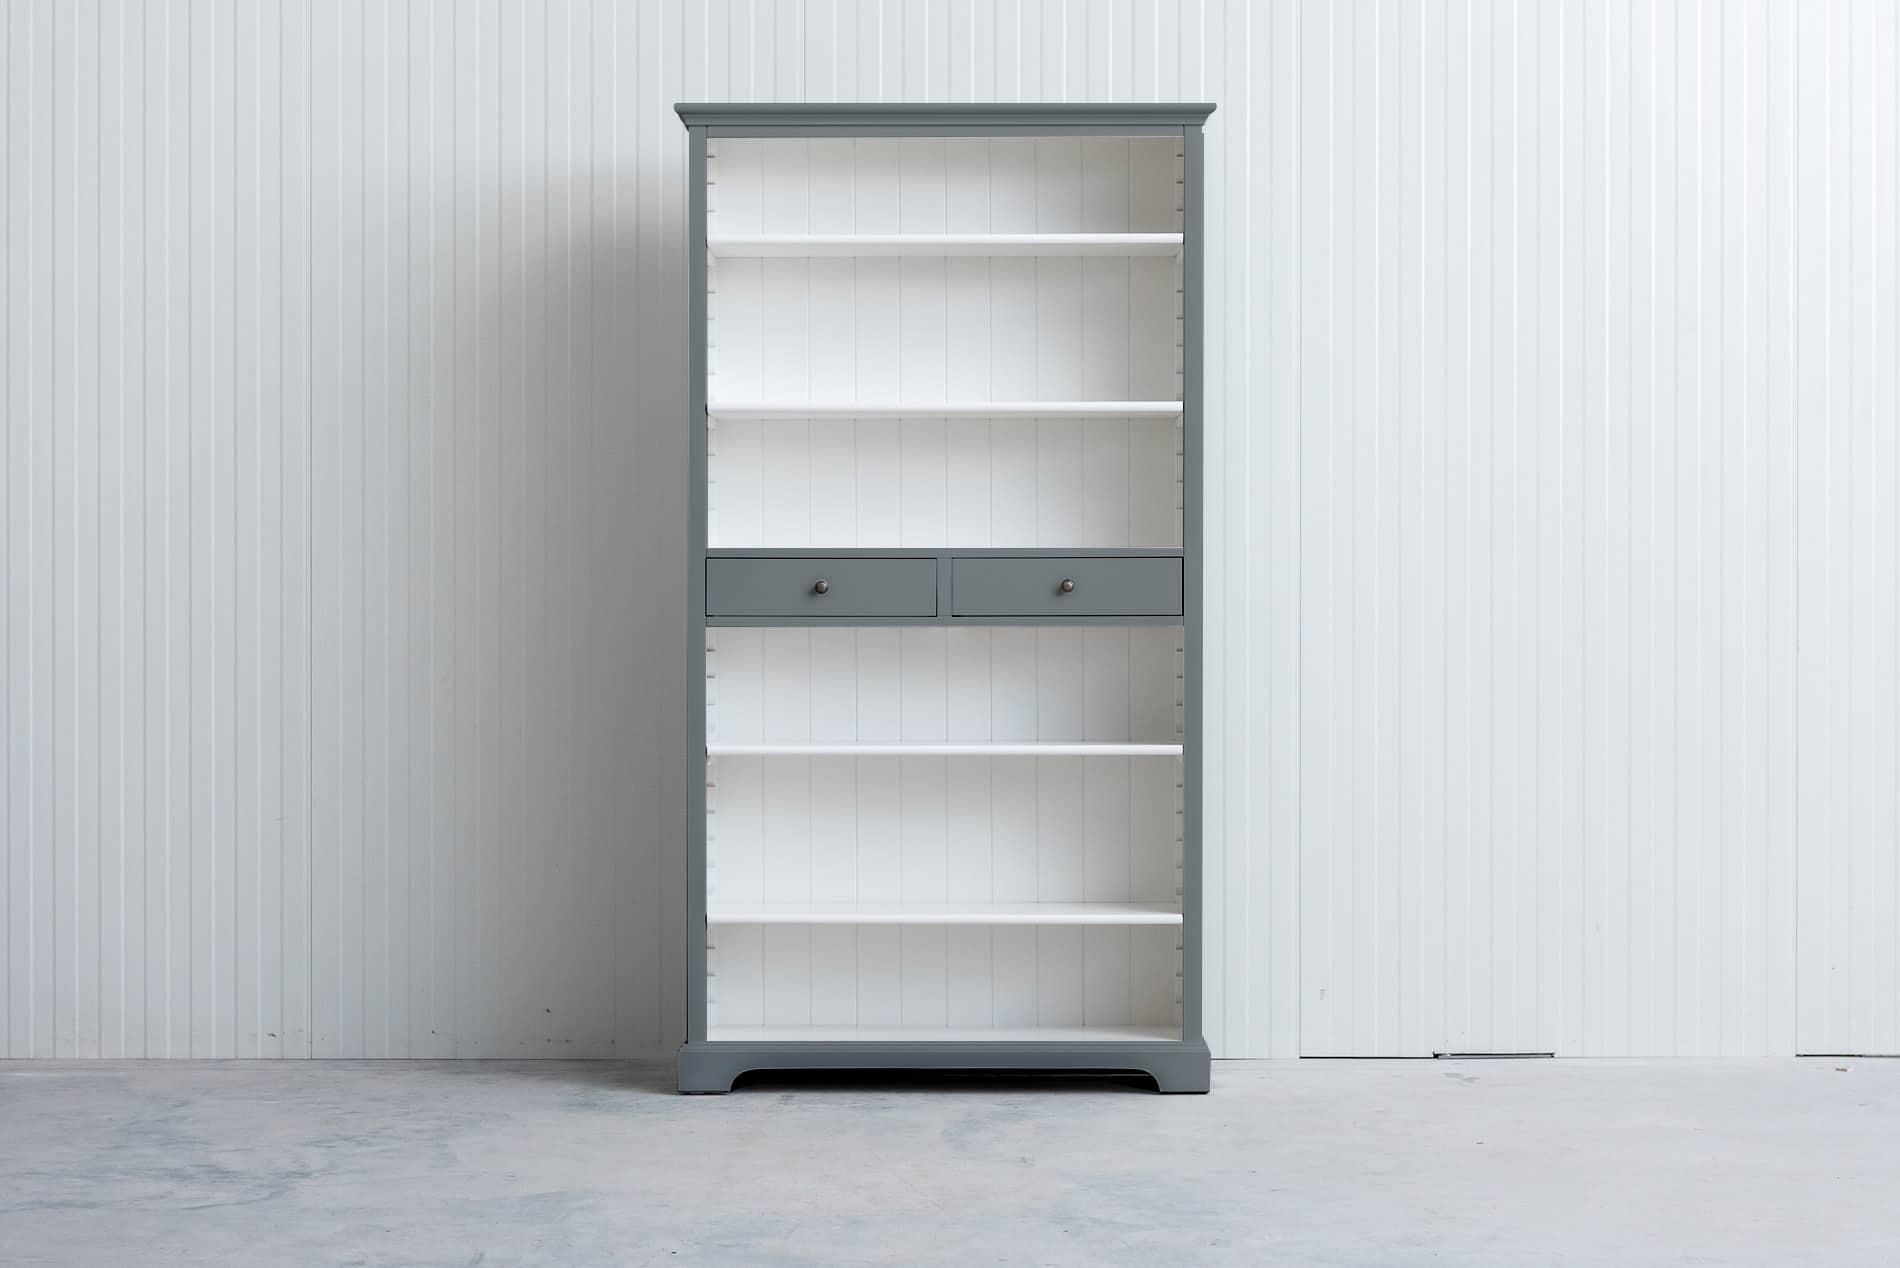 landelijke boekenkast bo 2 laden grijs